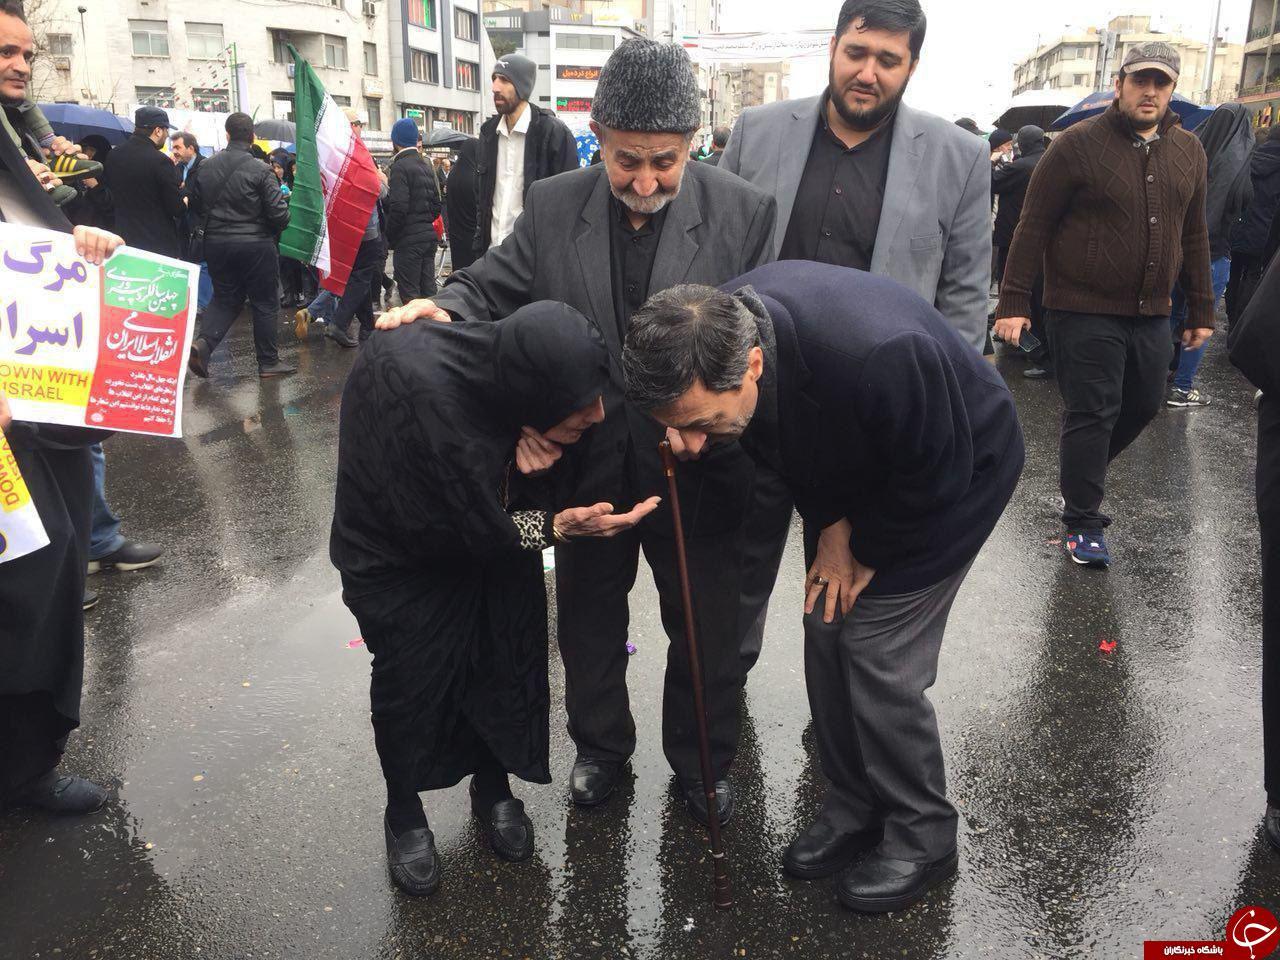 گفتگوی رئیس کمیته امداد با یکی از حاضران در راهپیمایی + عکس